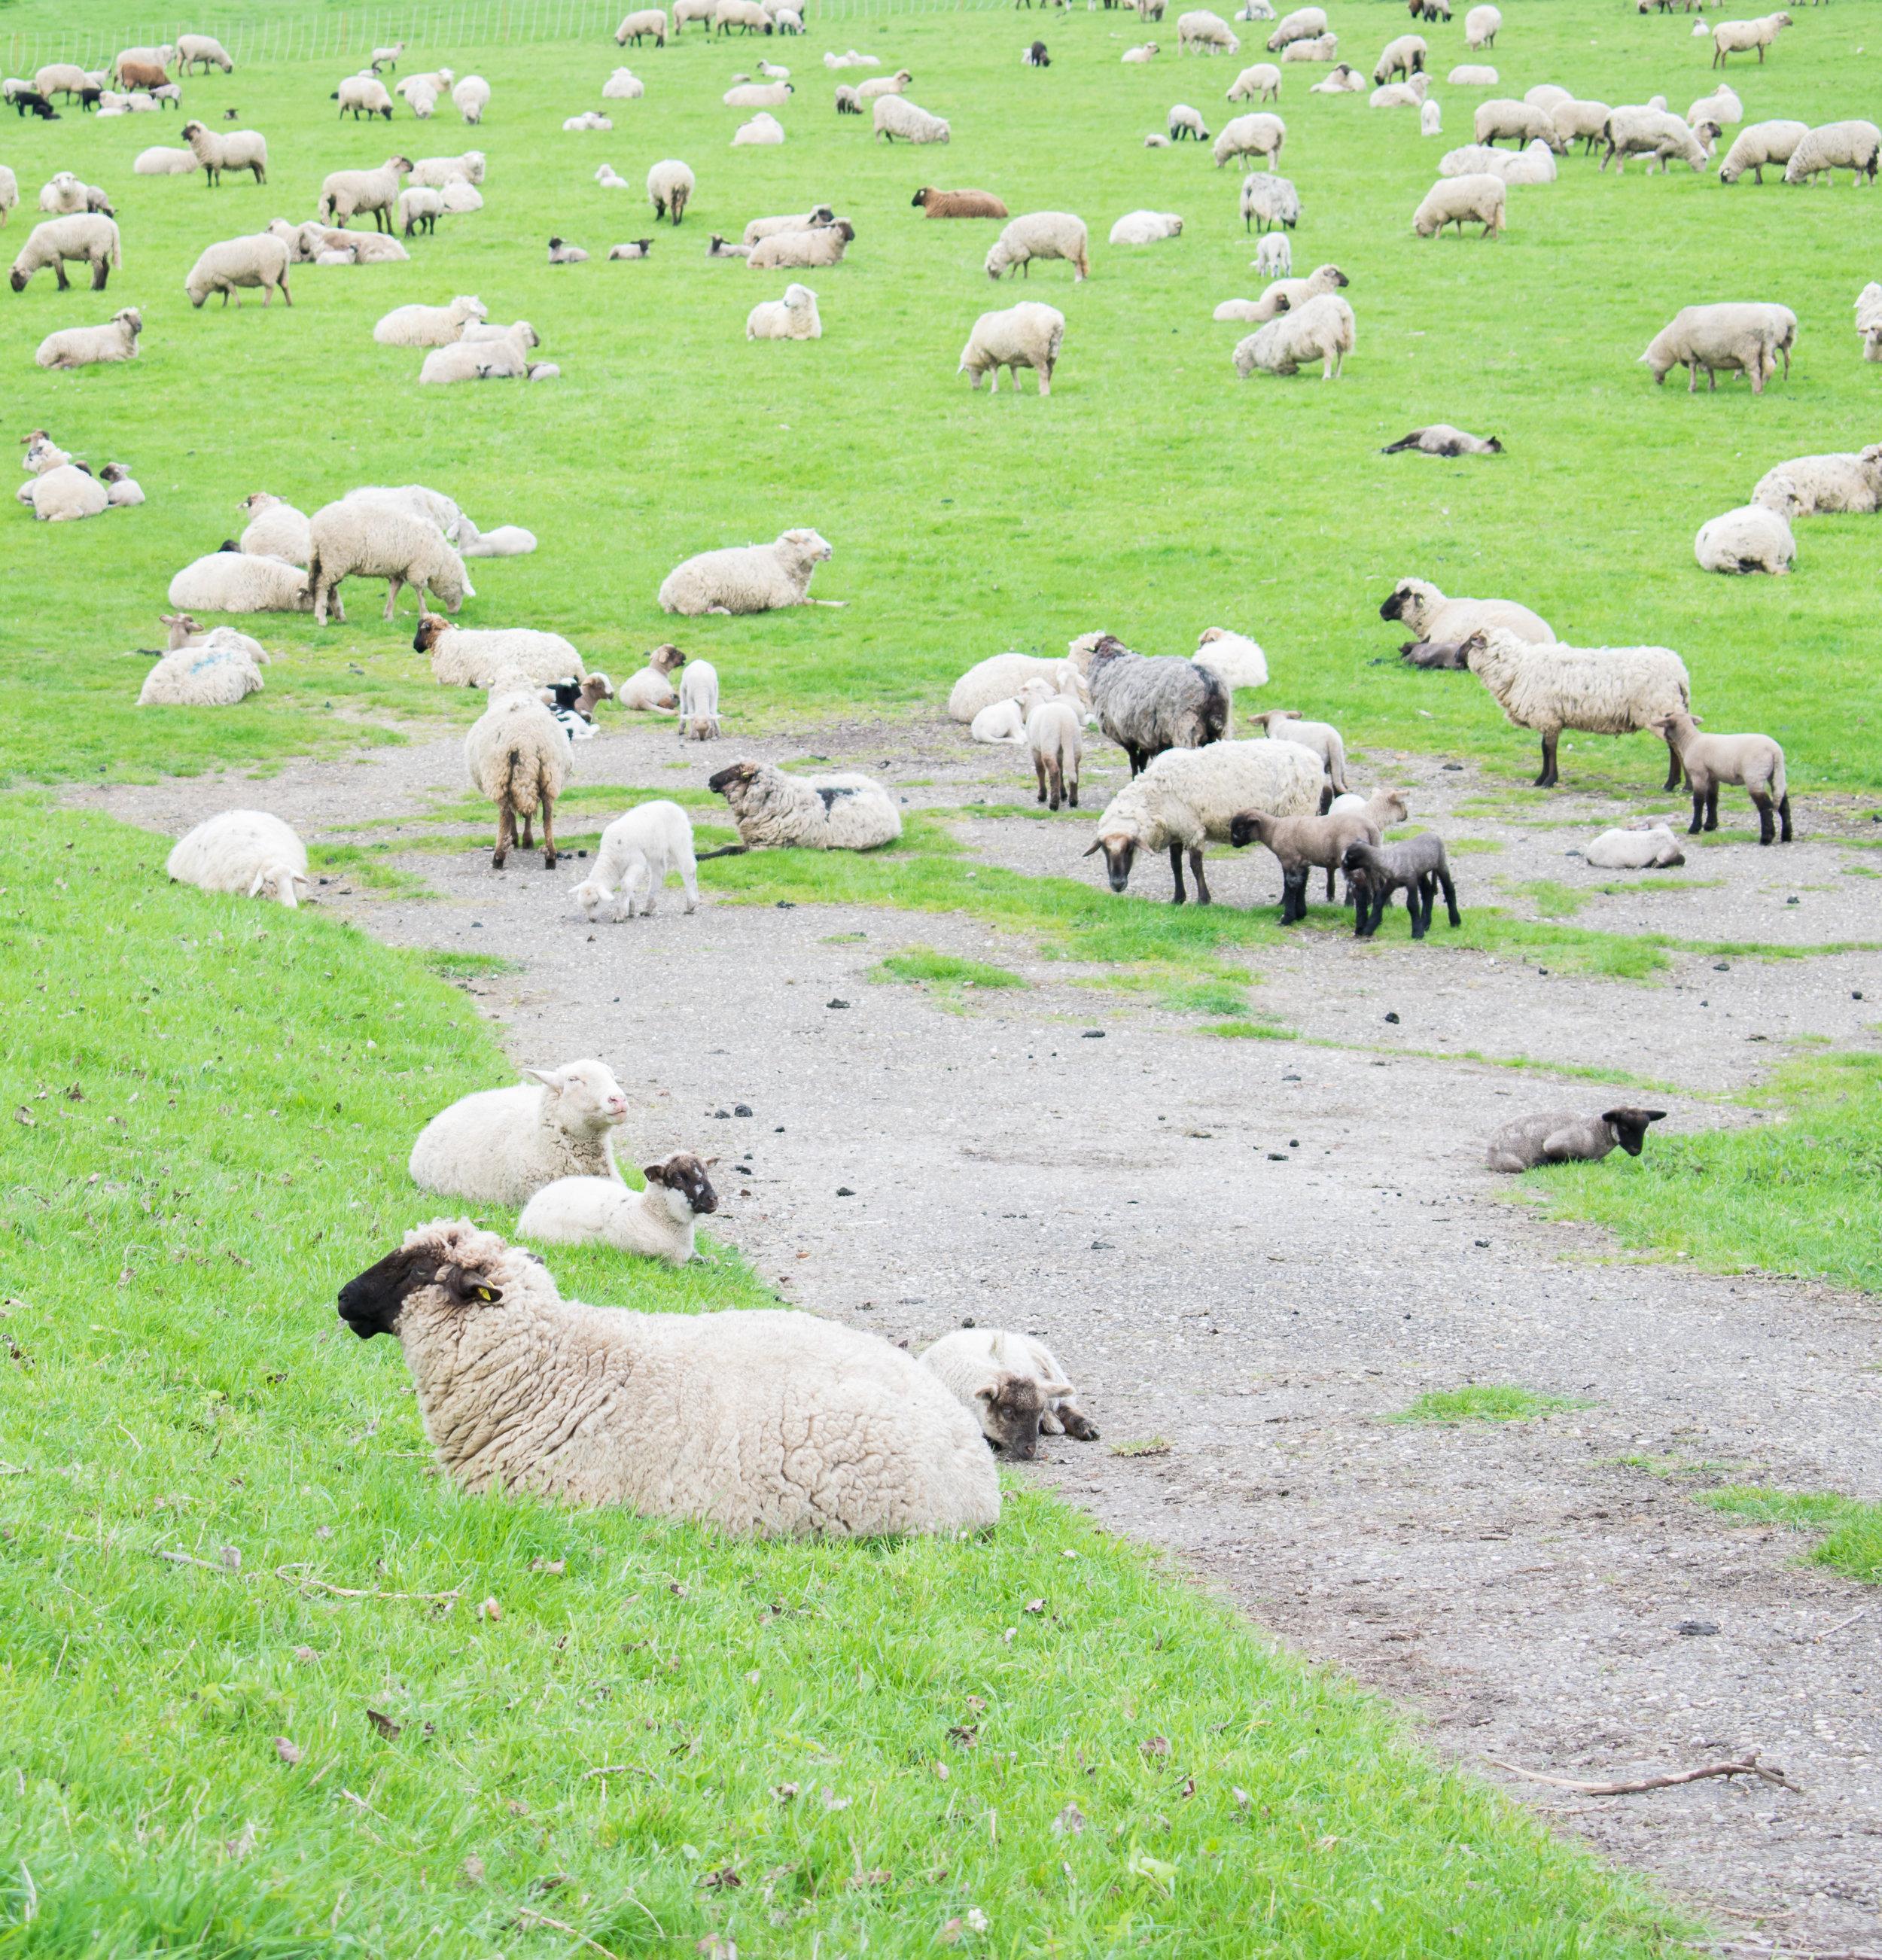 Oberkassel-Sheep-Dusseldorf-Brown-Leather-Book-16.jpg